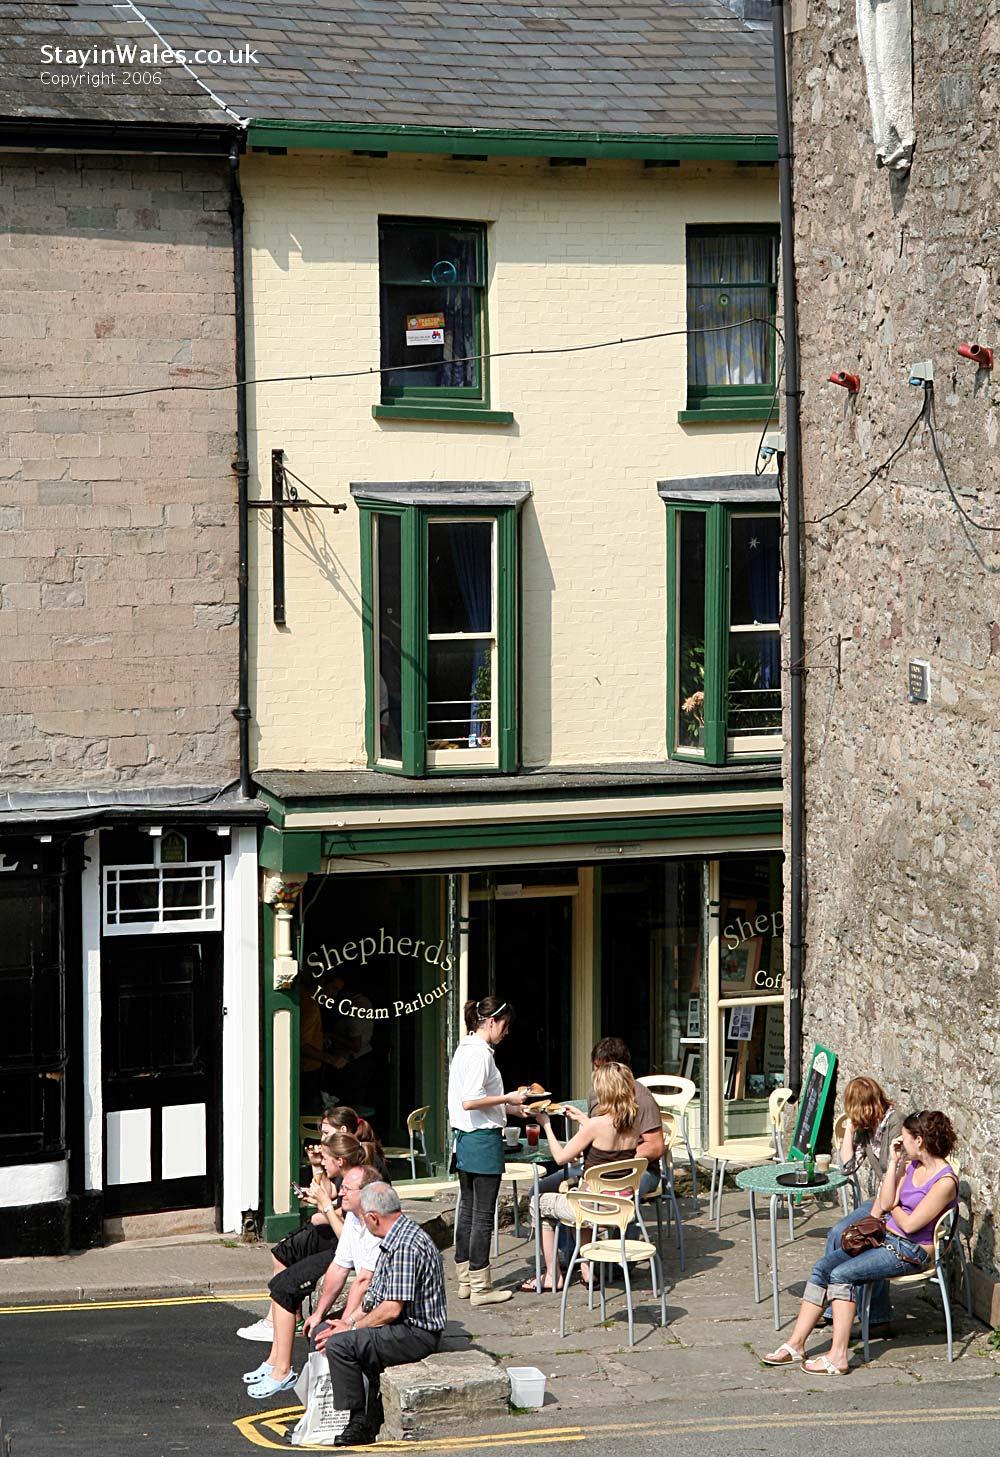 Shepherd's Cafe Hay-on-Wye